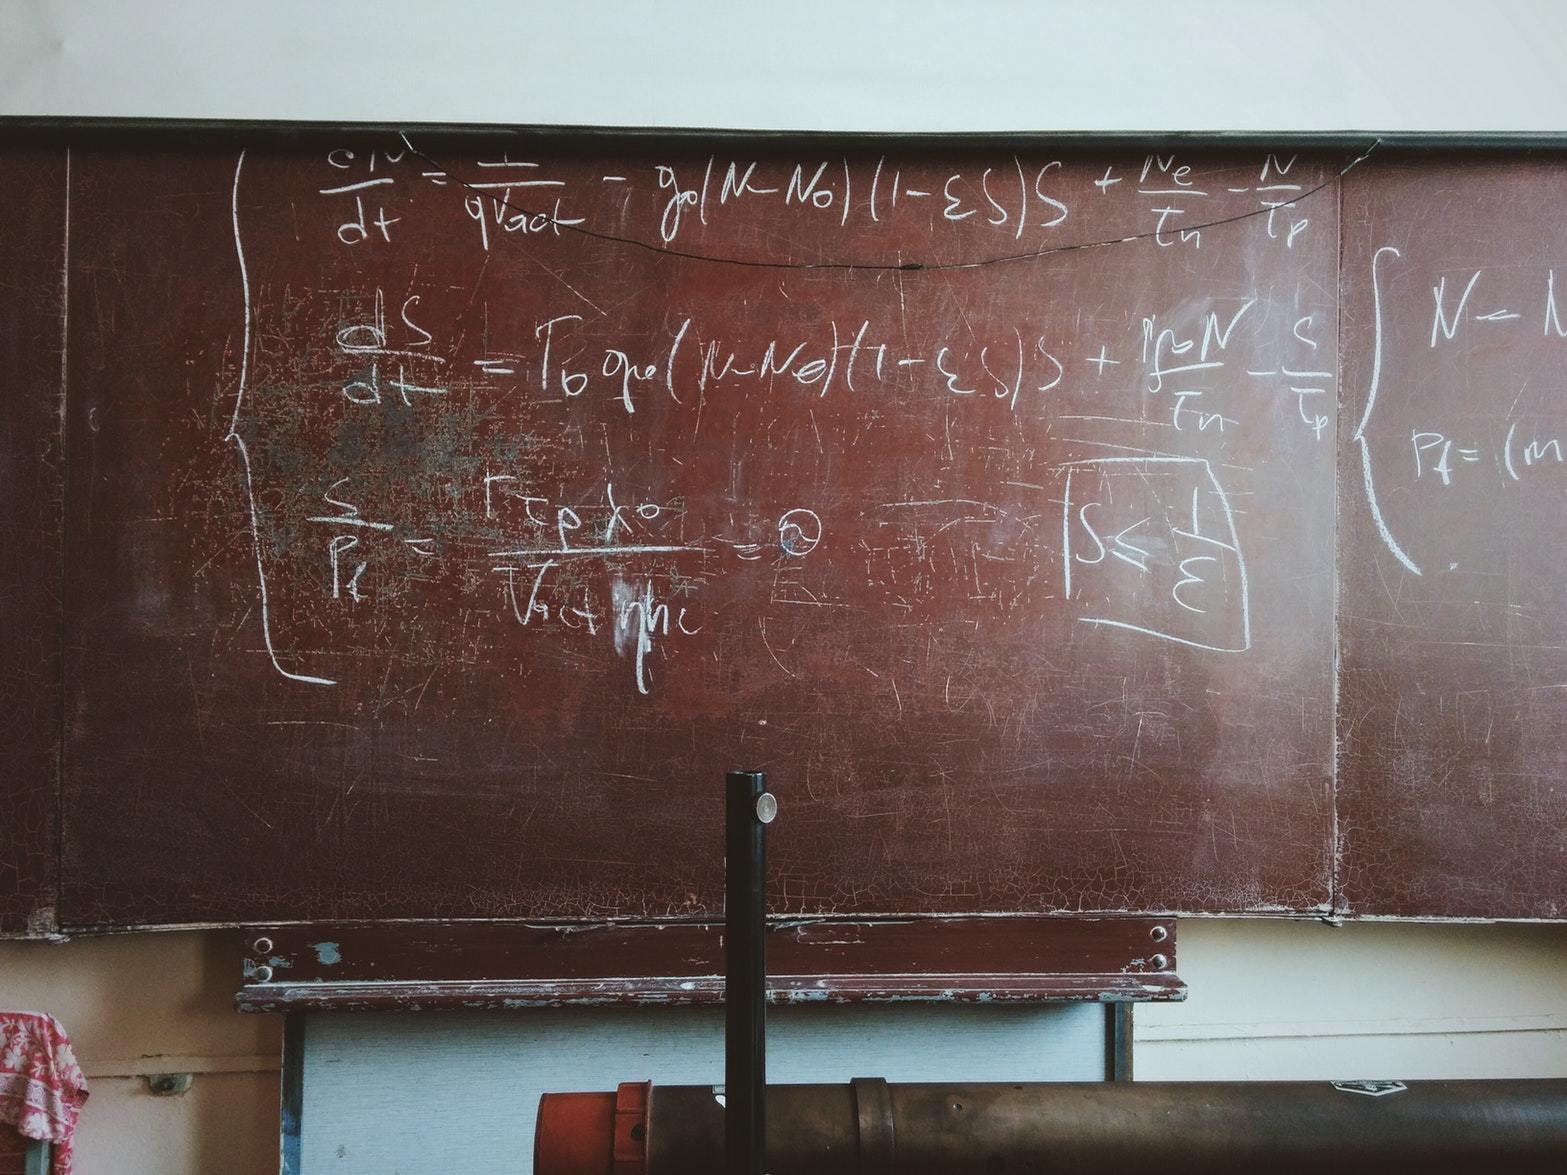 【芥末翻】学习数学,只是在为今后的职业生涯做准备吗?